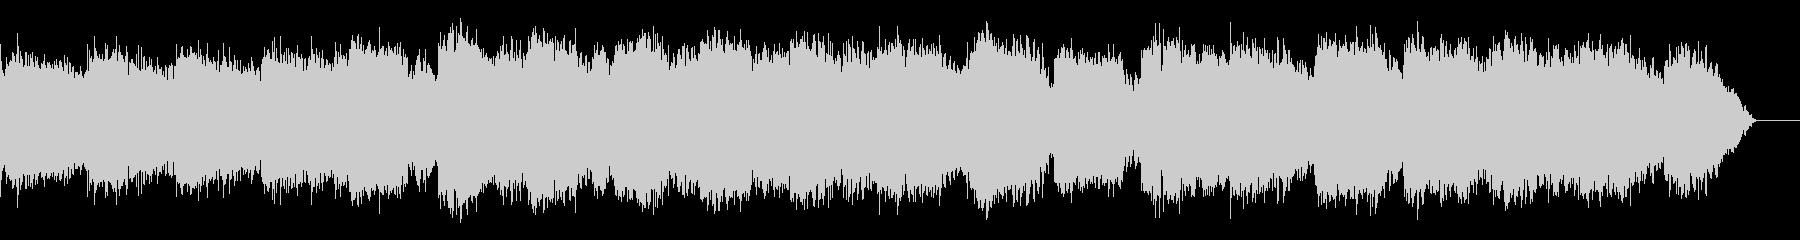 シンセサイザーとケーナのヒーリング音楽の未再生の波形